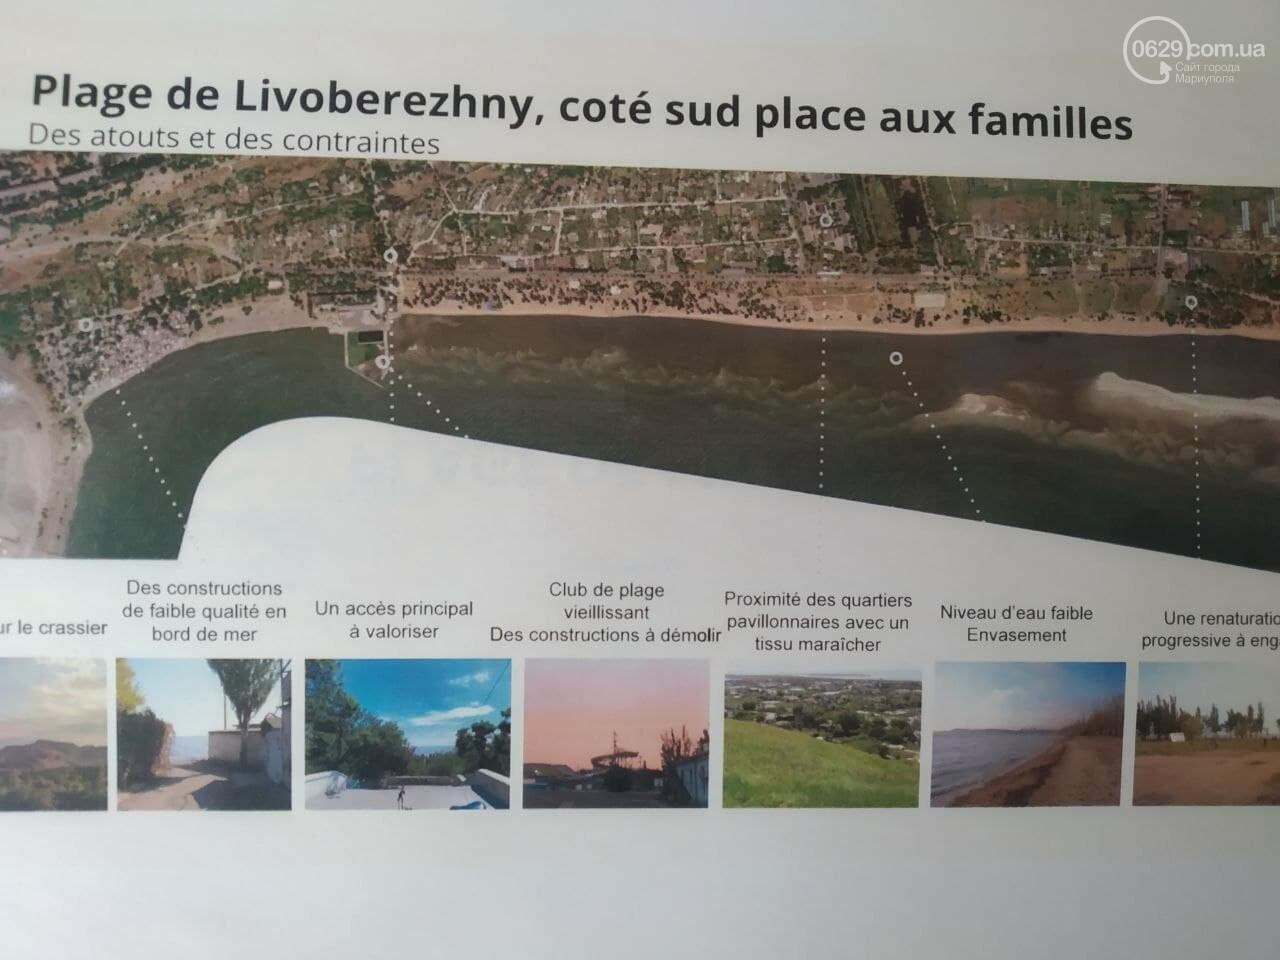 Какими станут мариупольские пляжи. Идеи, предложения, проекты, - ФОТО, фото-4